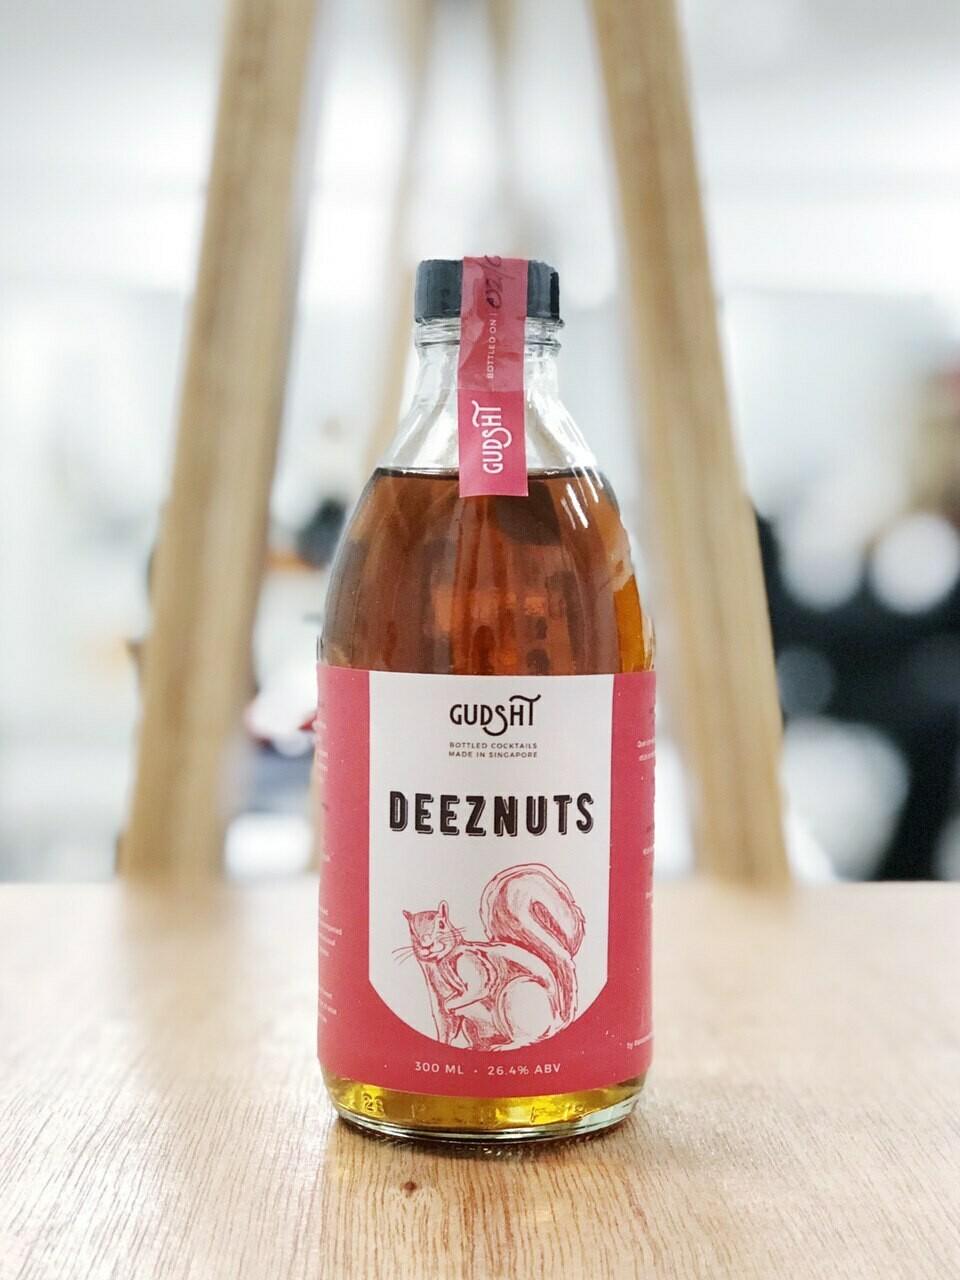 Deeznuts by Gudsht Cocktails